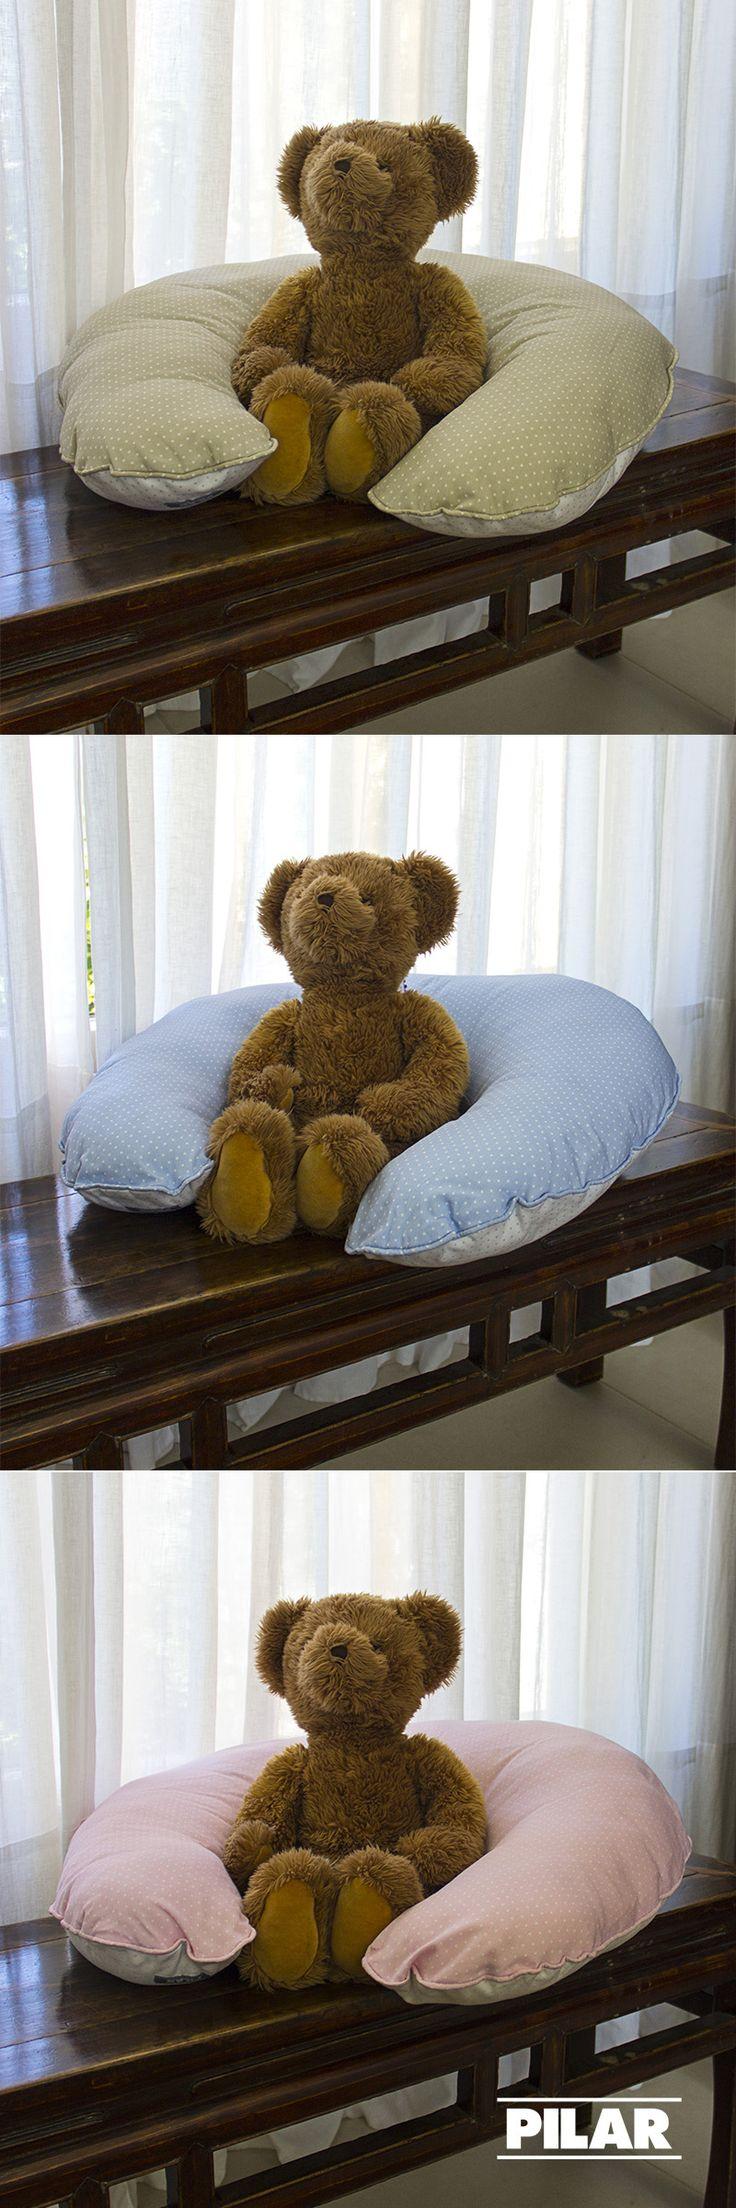 Nuevas almohadas para amamantar!